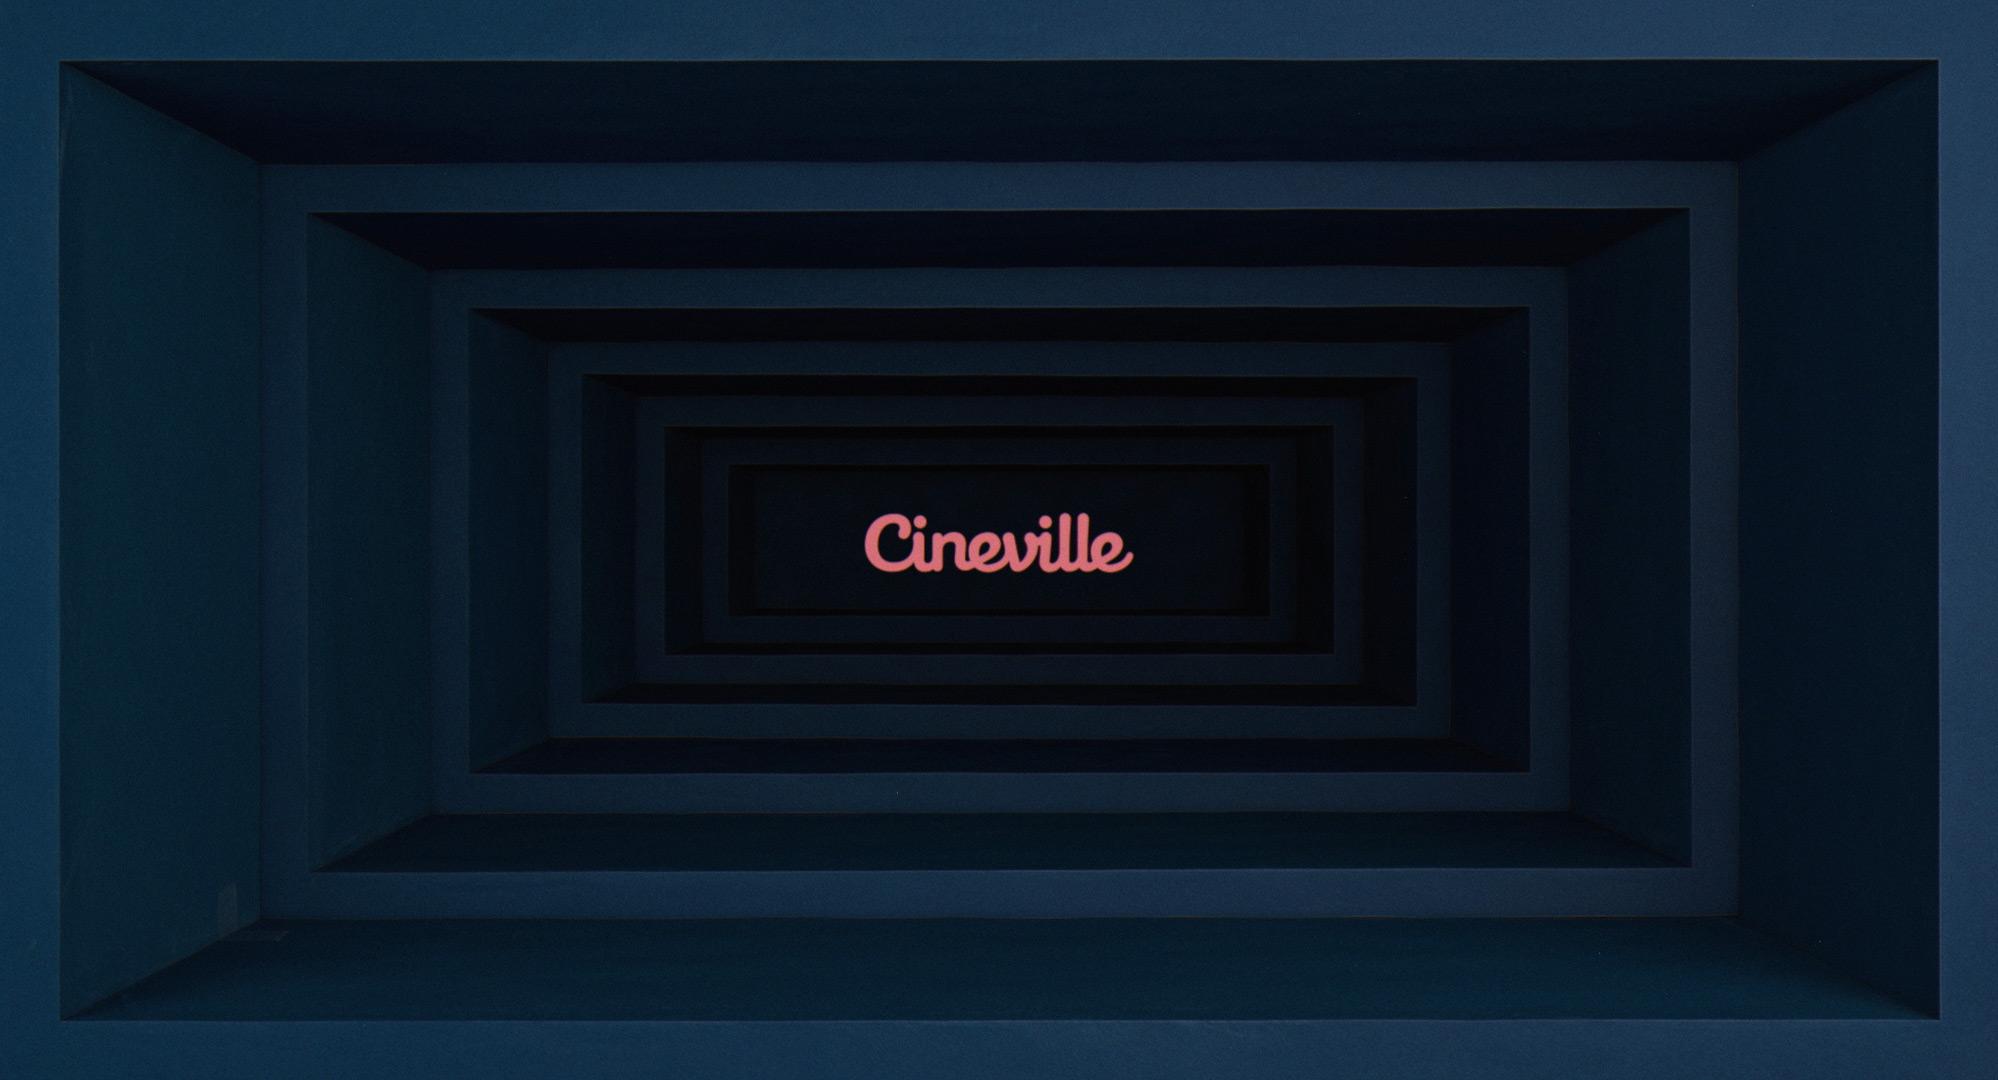 Cineville_Ident_still.jpg